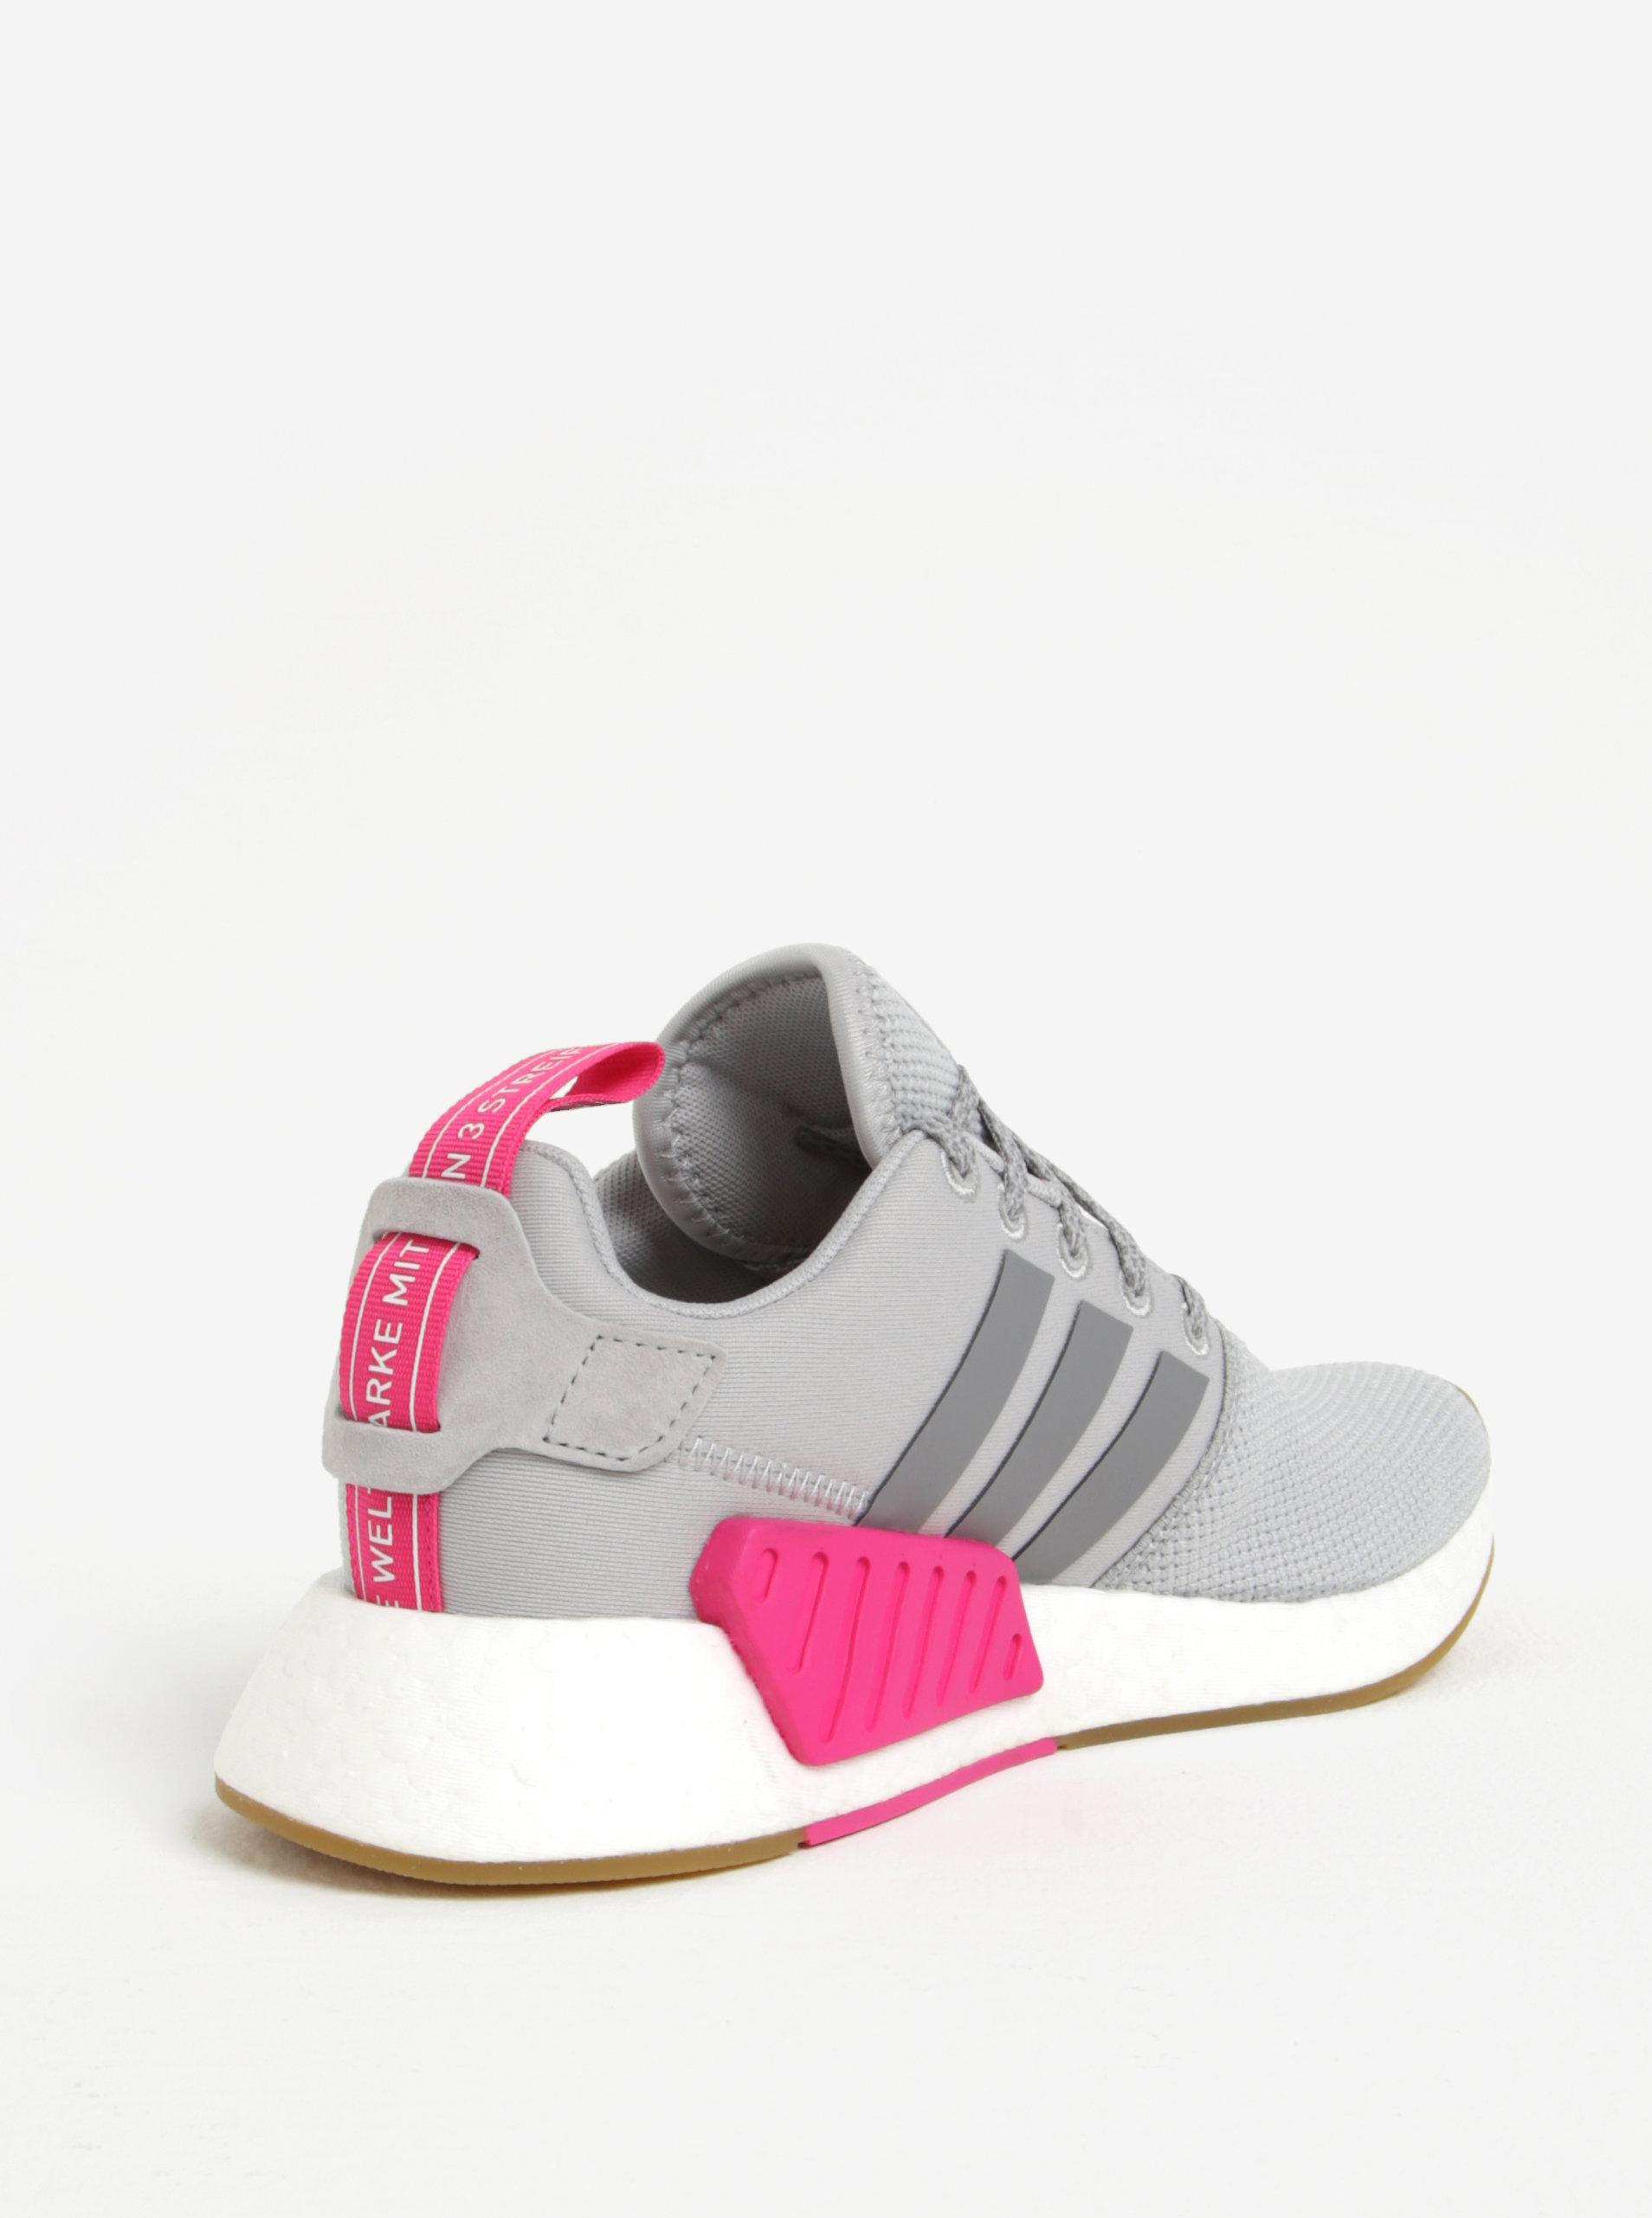 nmd r2 adidas dámské order 9c4e3 321e0